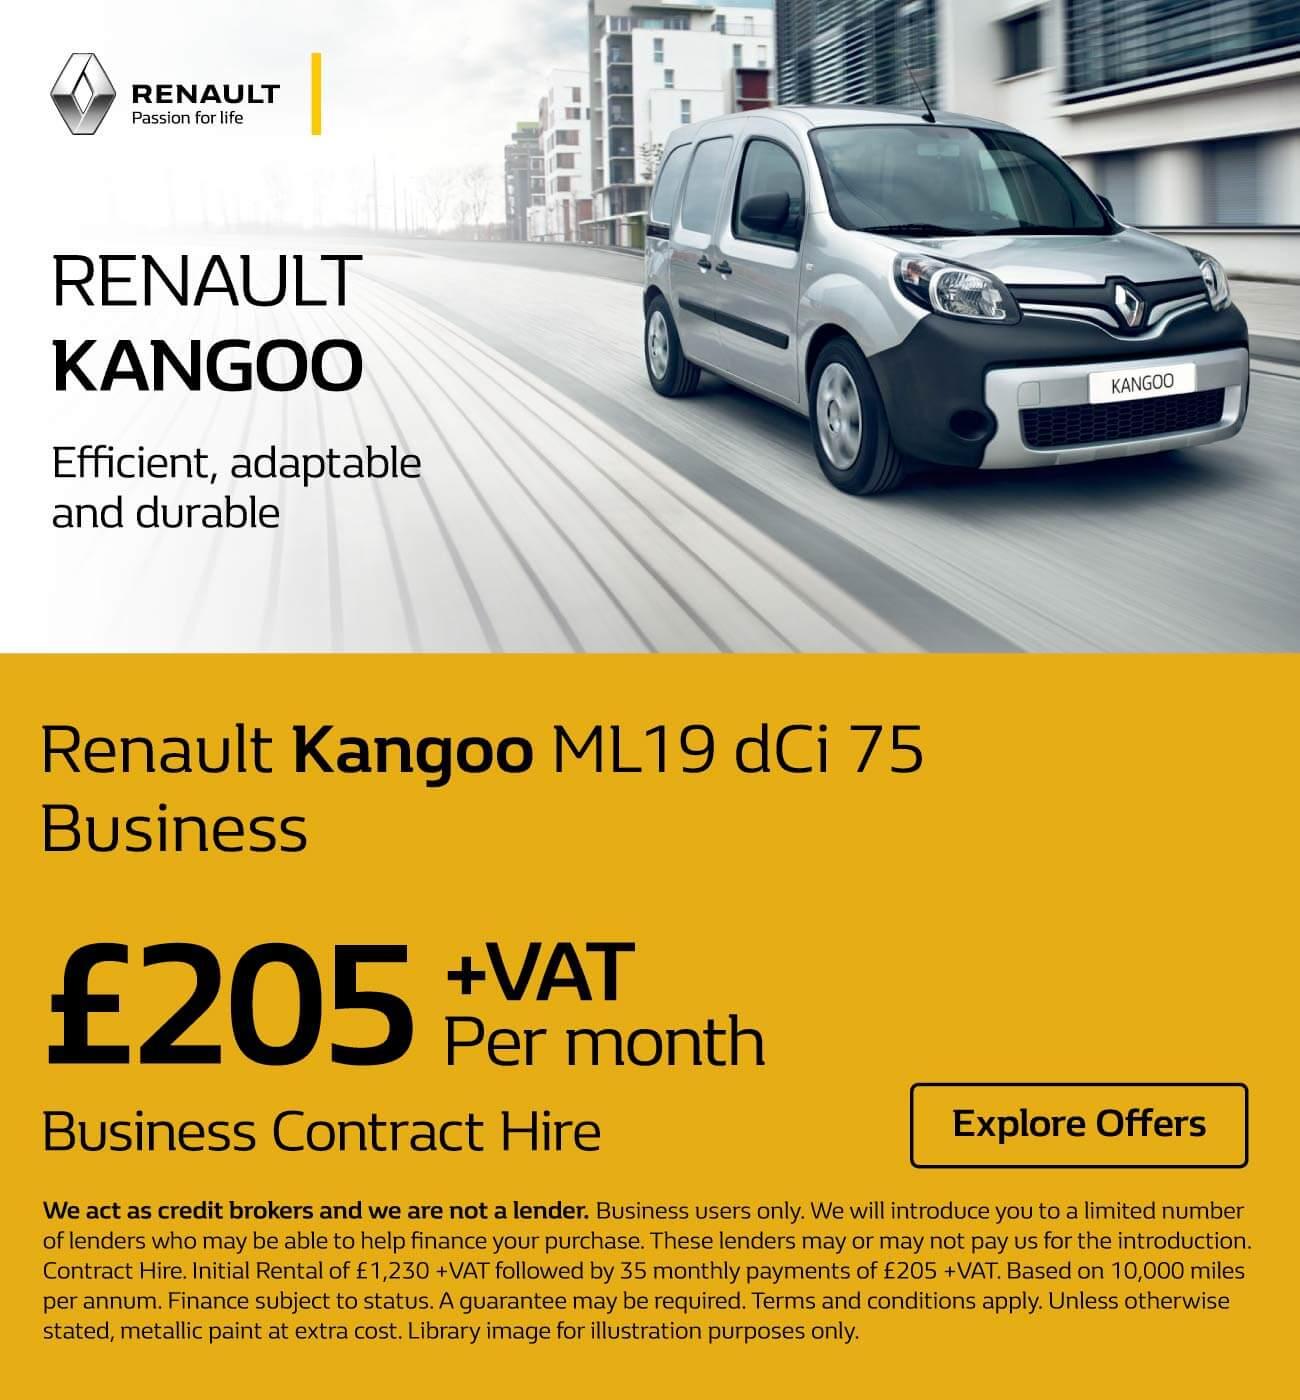 4ba7dadc88  Renault Kangoo  Renault Kangoo DCi 76 250419 Banner 1